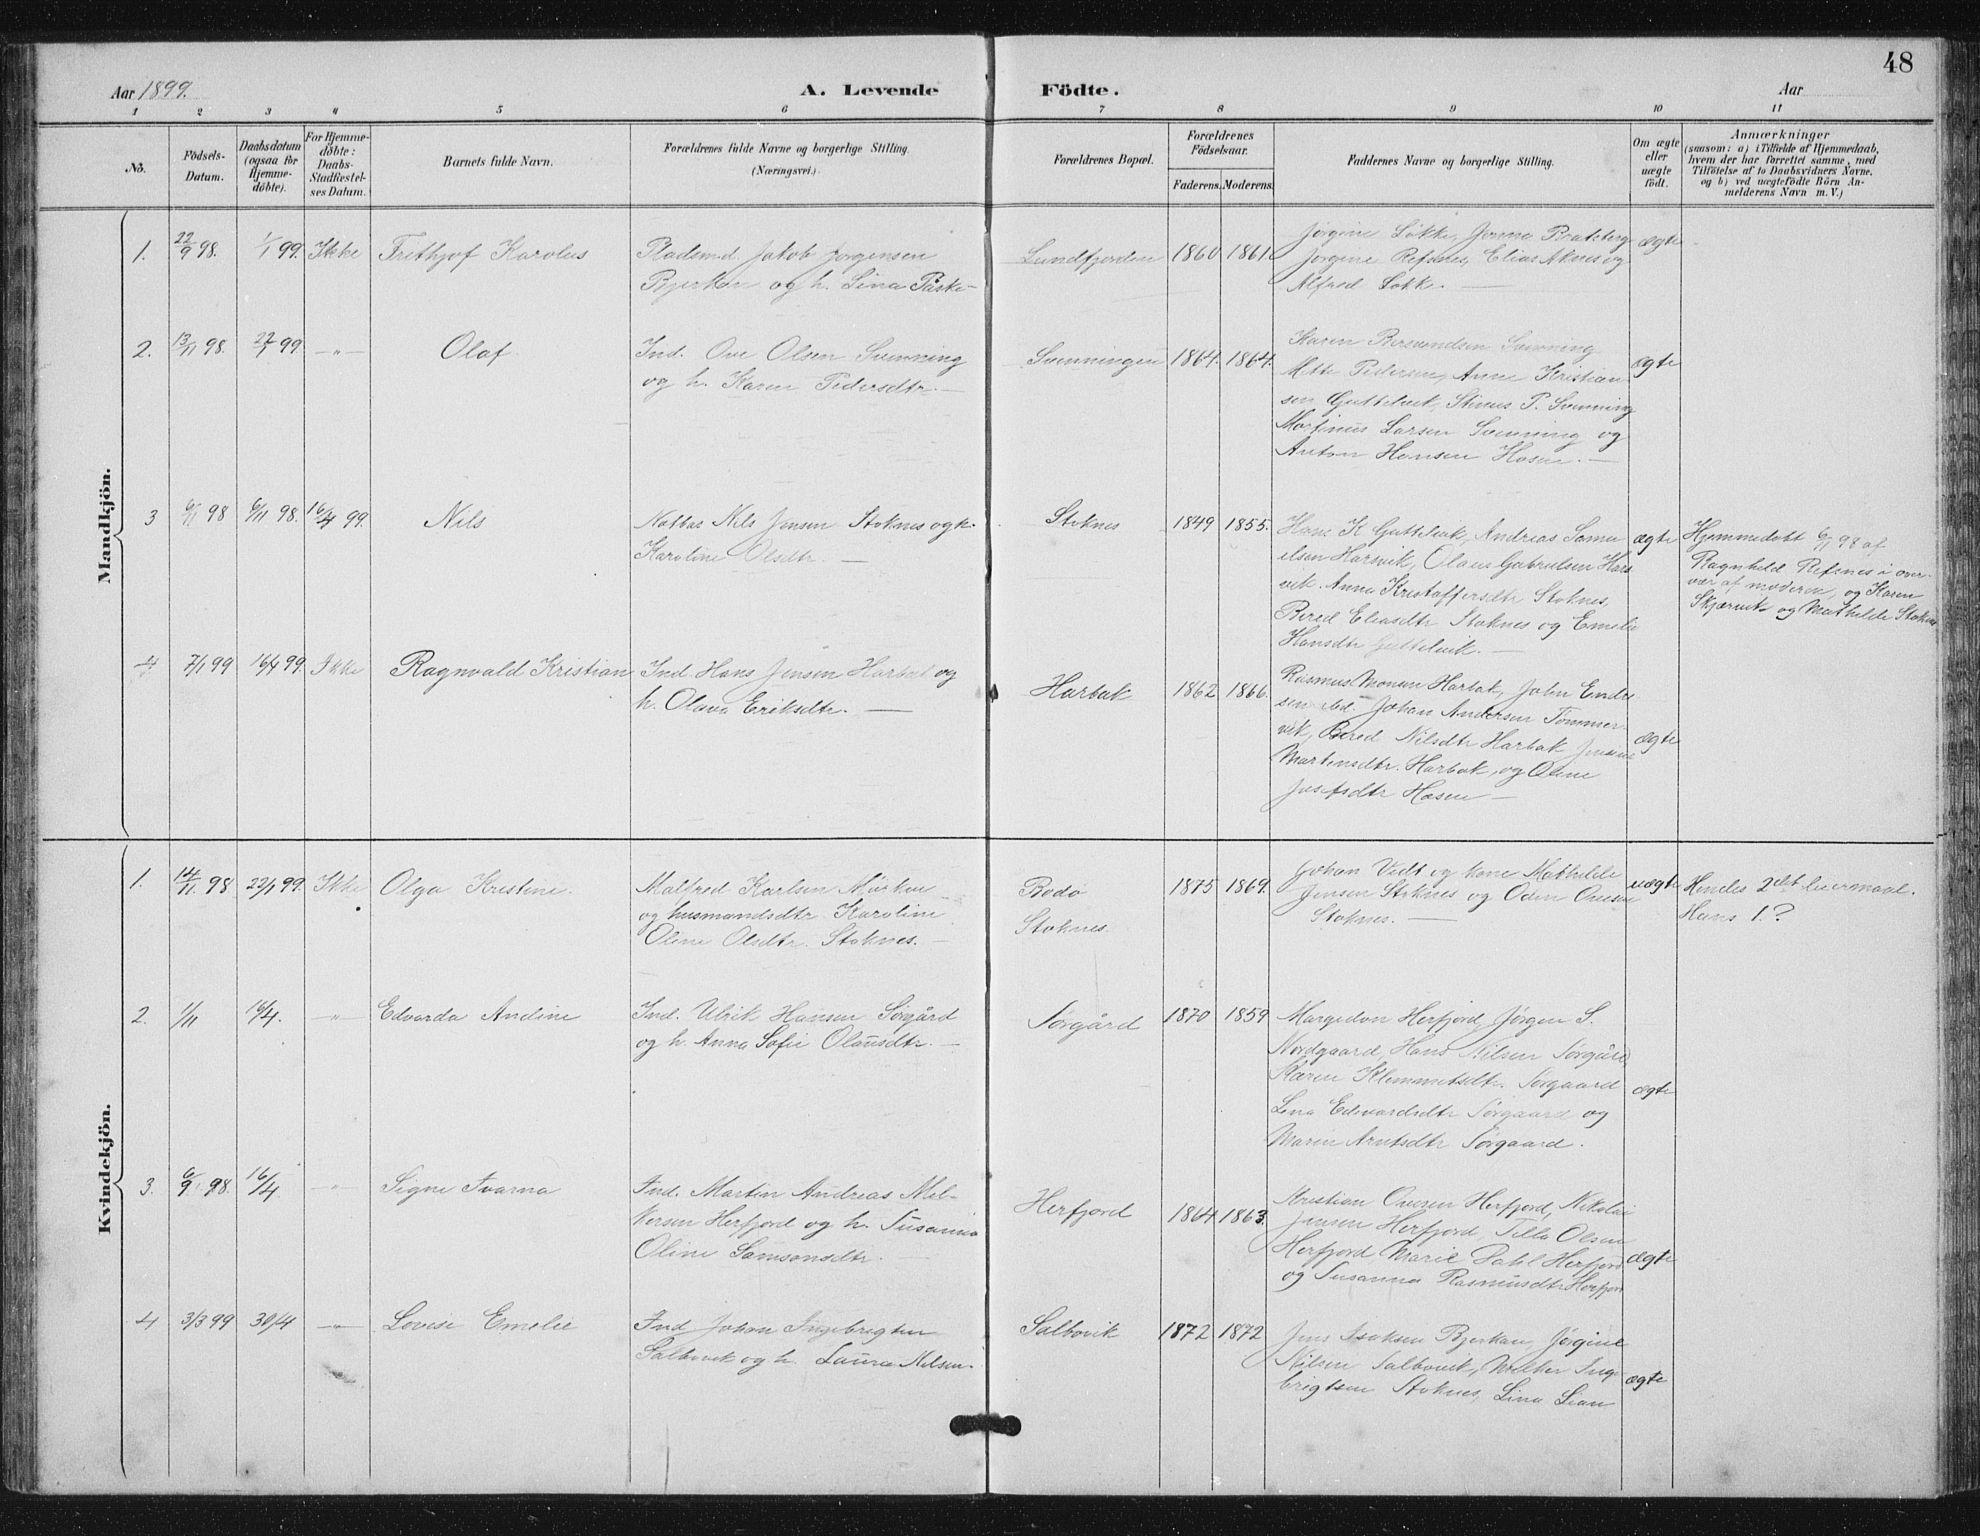 SAT, Ministerialprotokoller, klokkerbøker og fødselsregistre - Sør-Trøndelag, 656/L0698: Klokkerbok nr. 656C04, 1890-1904, s. 48